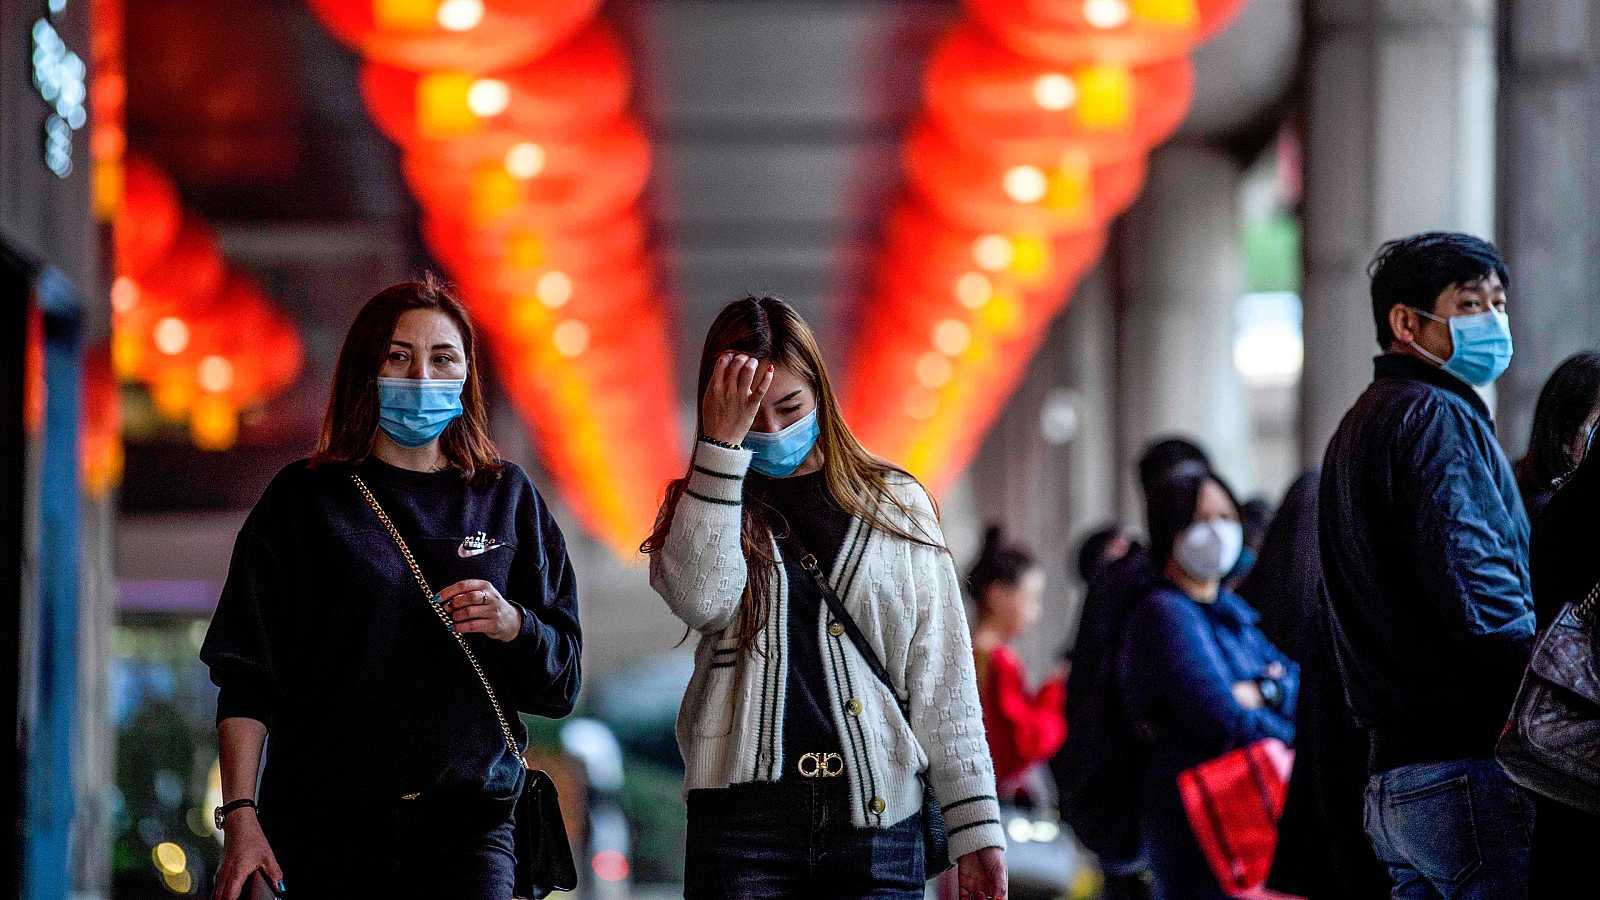 La OMS decide este miércoles si declara o no la emergencia internacional por el coronavirus chino, conocido como el virus de Wuhan, que deja ya 9 muertos y más de 470 casos. China teme que una mutación complique el tratamiento y en varios países se r